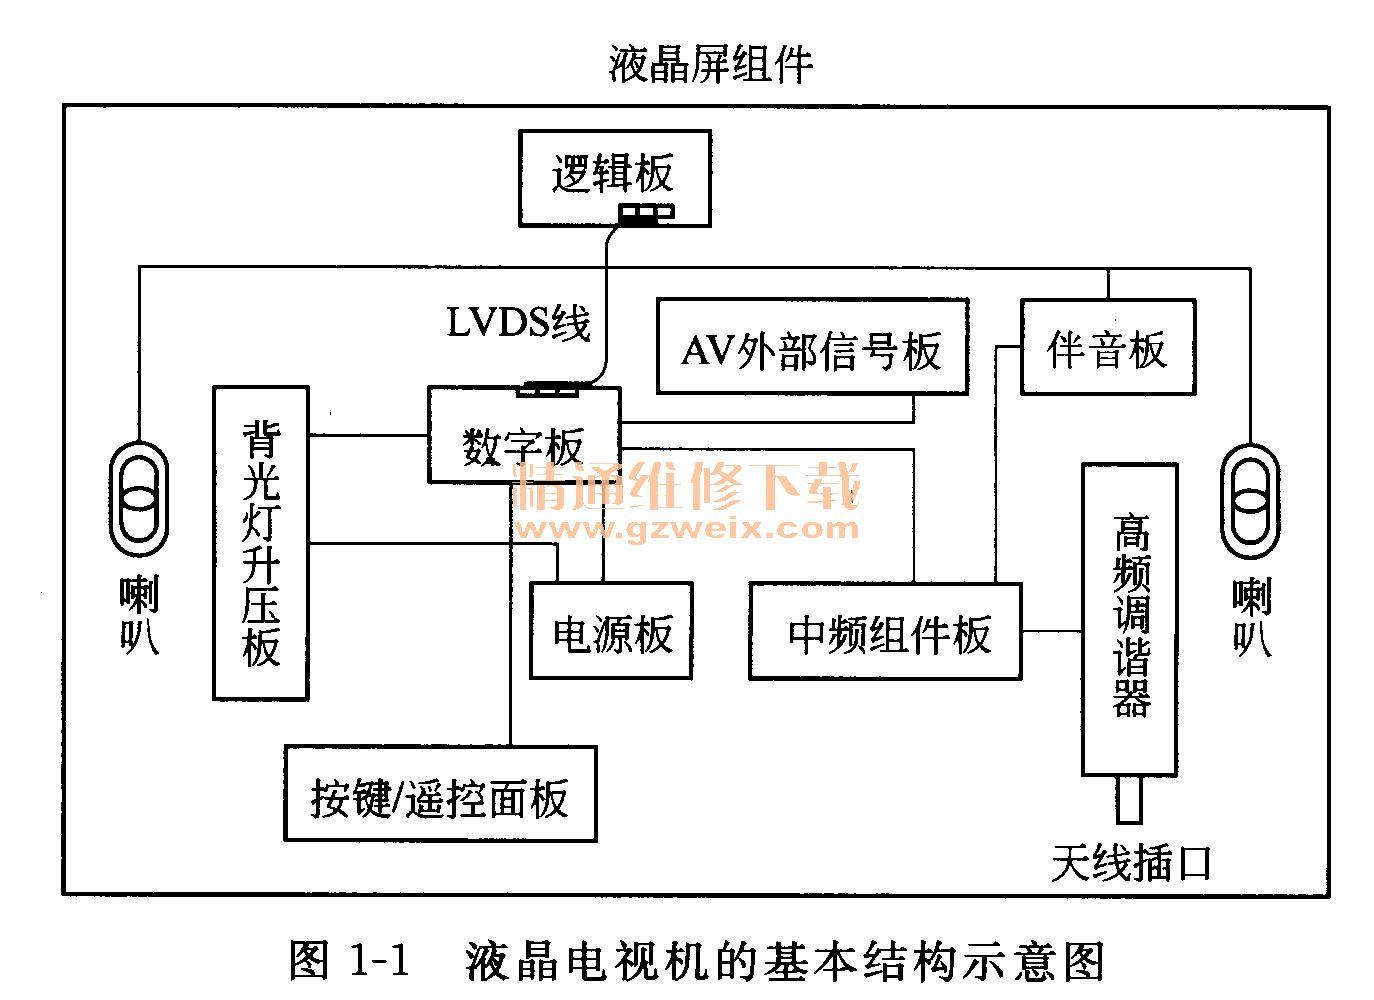 目前的液晶电视机,有的把高频调谐器、中频组件板做在一起,称为中频一体化高频调谐器;有的把高频调谐器、中频组件板、AV外部信号板、数字板做在一起,称为主信号处理板(简称为主板);有的小屏幕的液晶电视机把电源板和背光板做在一起,称为电源背光二合一板(IP板)。 (2)液晶电视机的基本原理 图1-2是液晶电视机的电路框图。